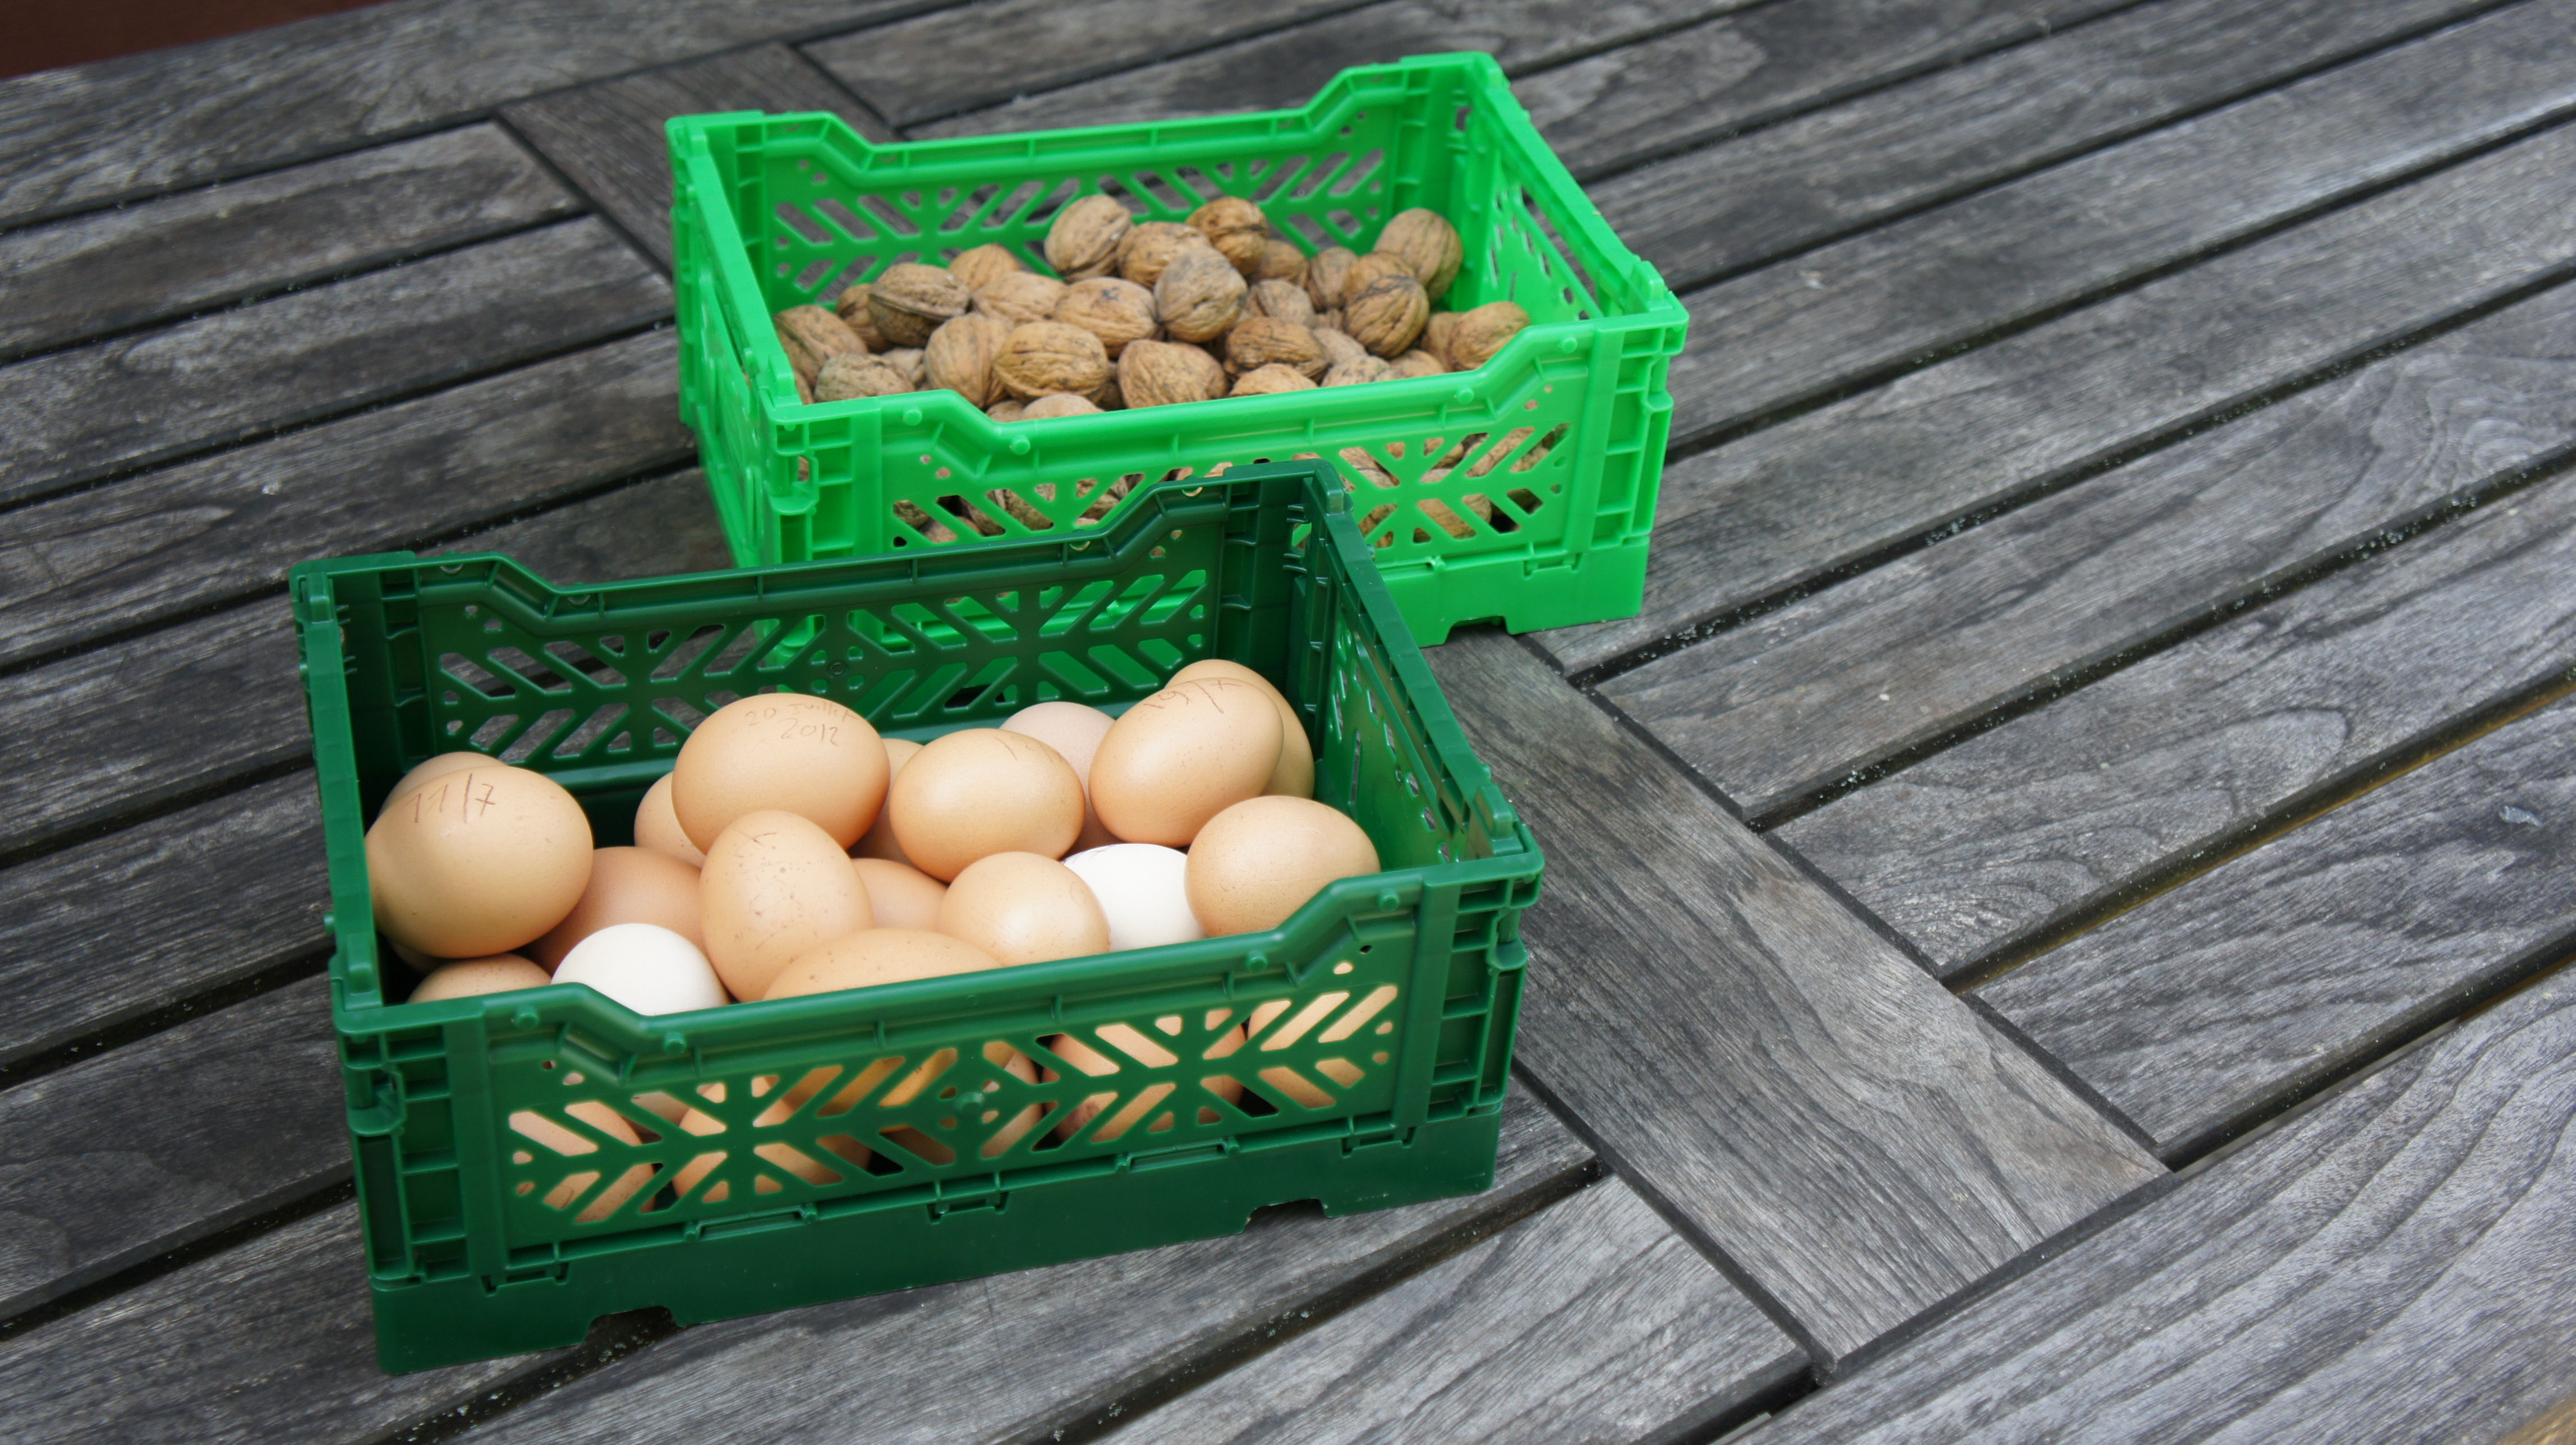 Які коробки краще взяти для транспортування продуктів?